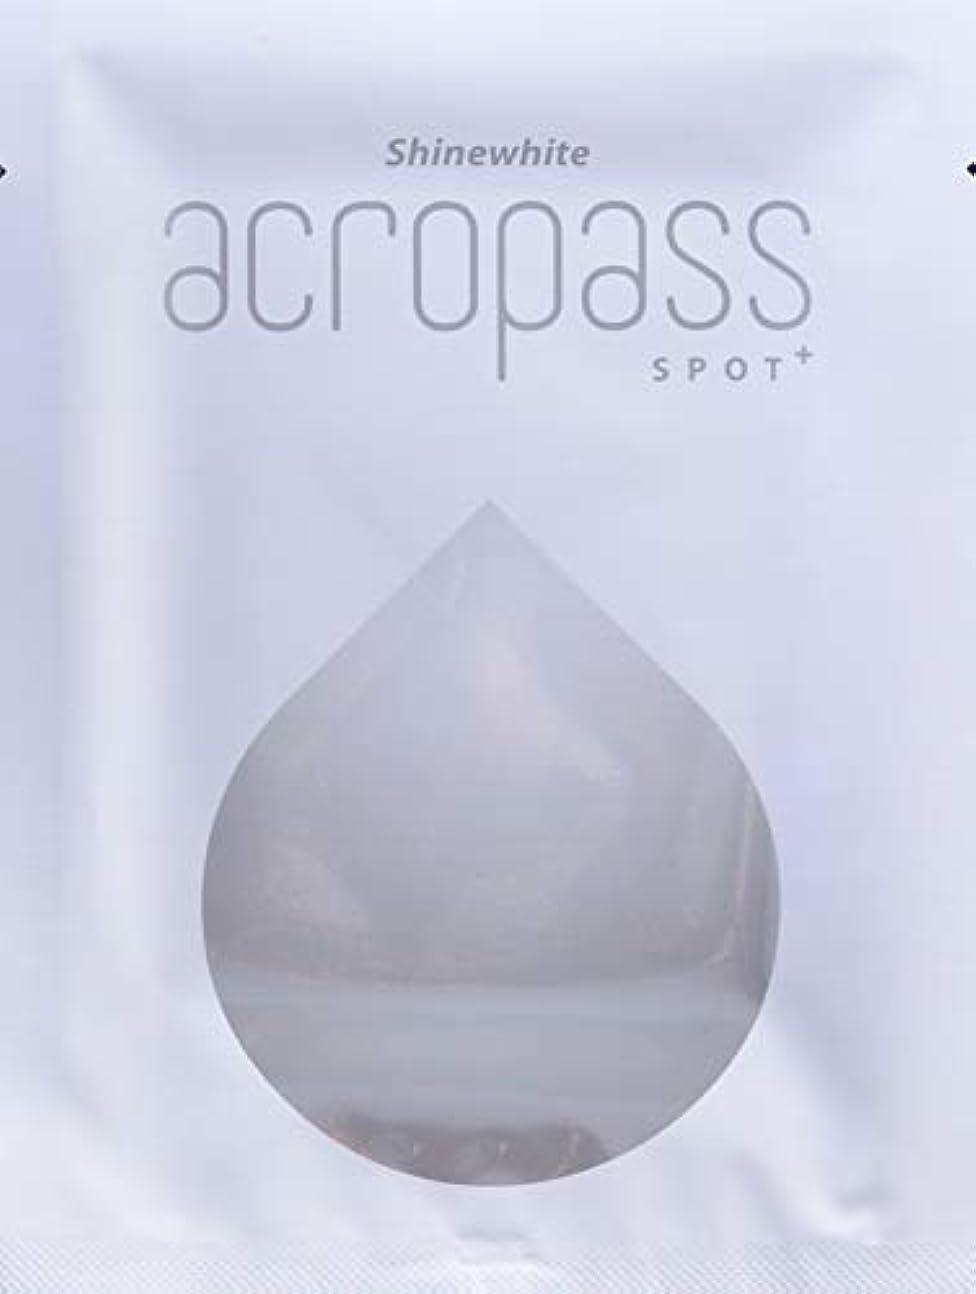 崇拝します広く動力学★アクロパス スポットプラス★ 1パウチ(2枚入り) 美白効果をプラスしたアクロパス、ヒアルロン酸+4種の美白成分配合マイクロニードルパッチ。 他にお得な2パウチセットもございます